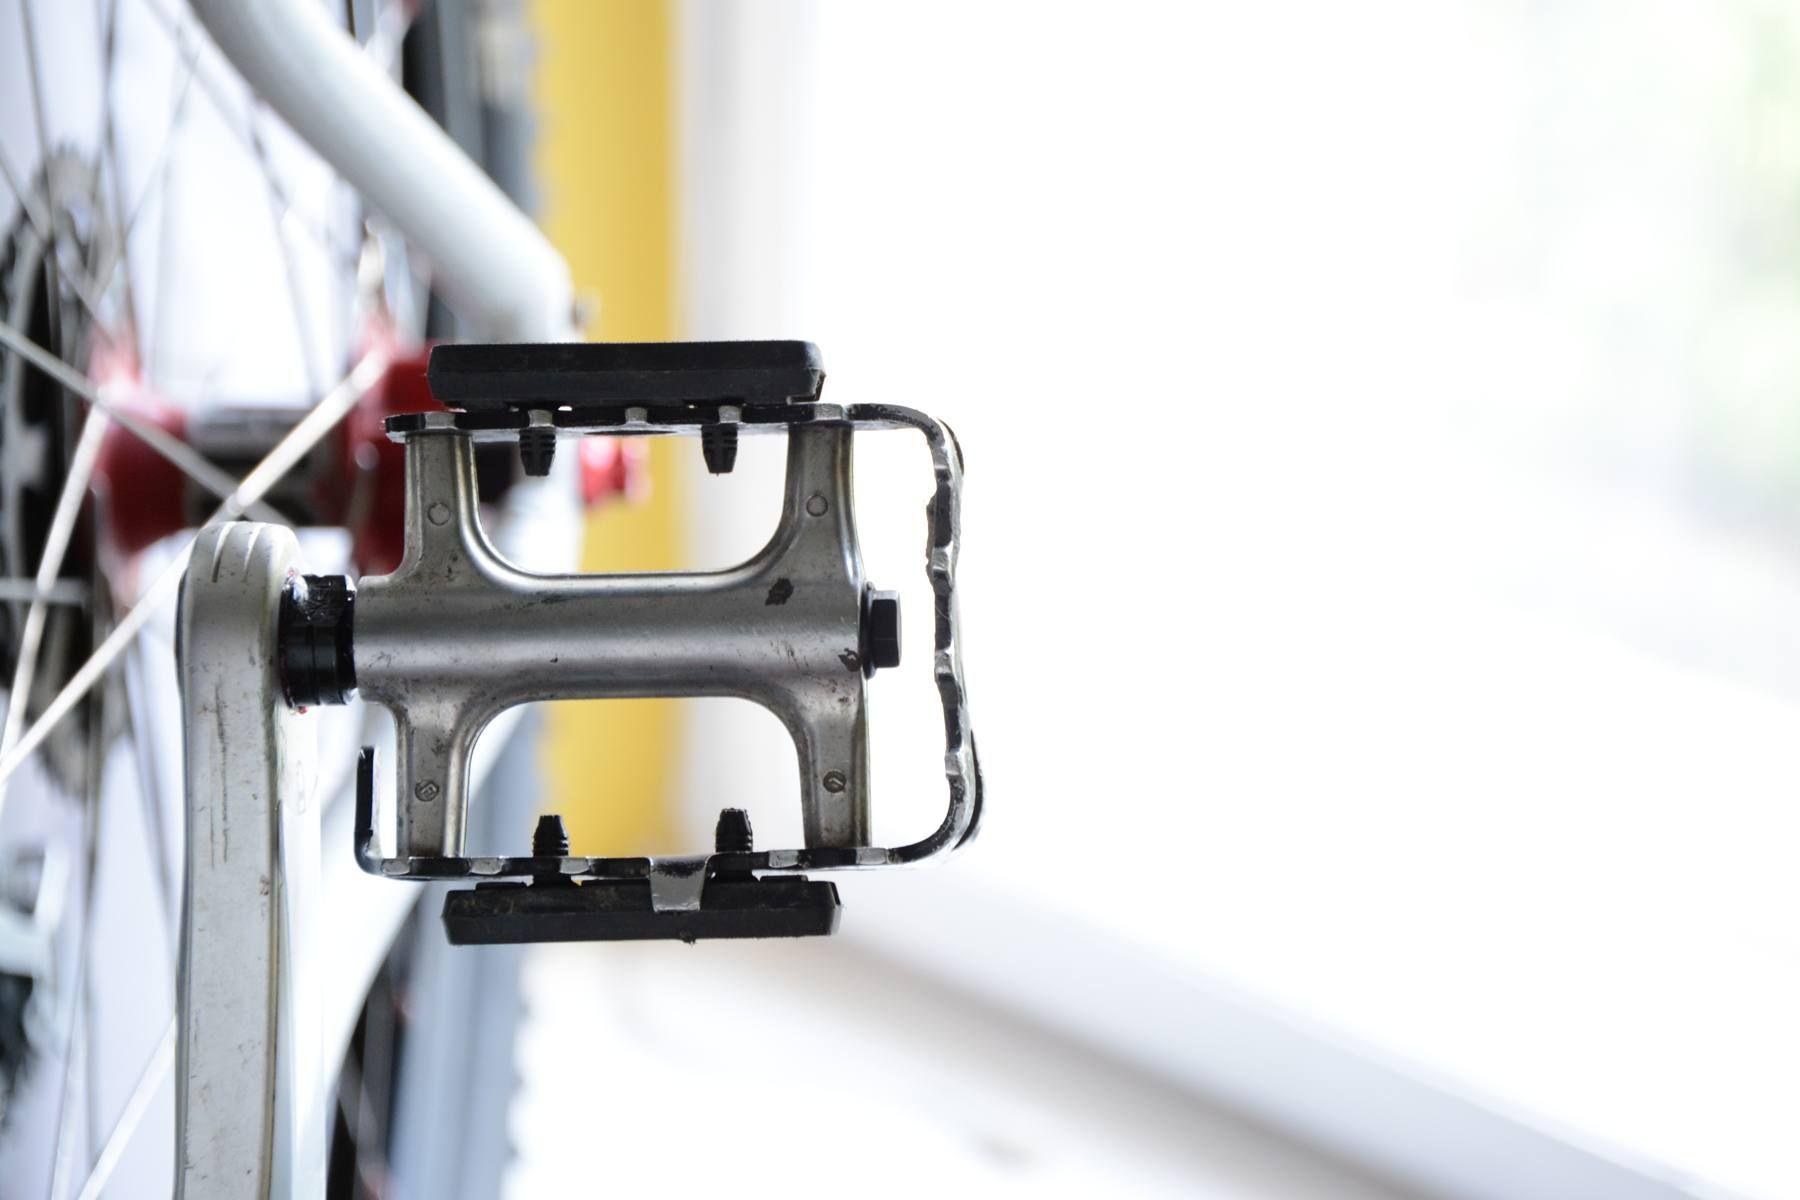 Pedały rowerowe na łożyskach maszynowych jak serwisować